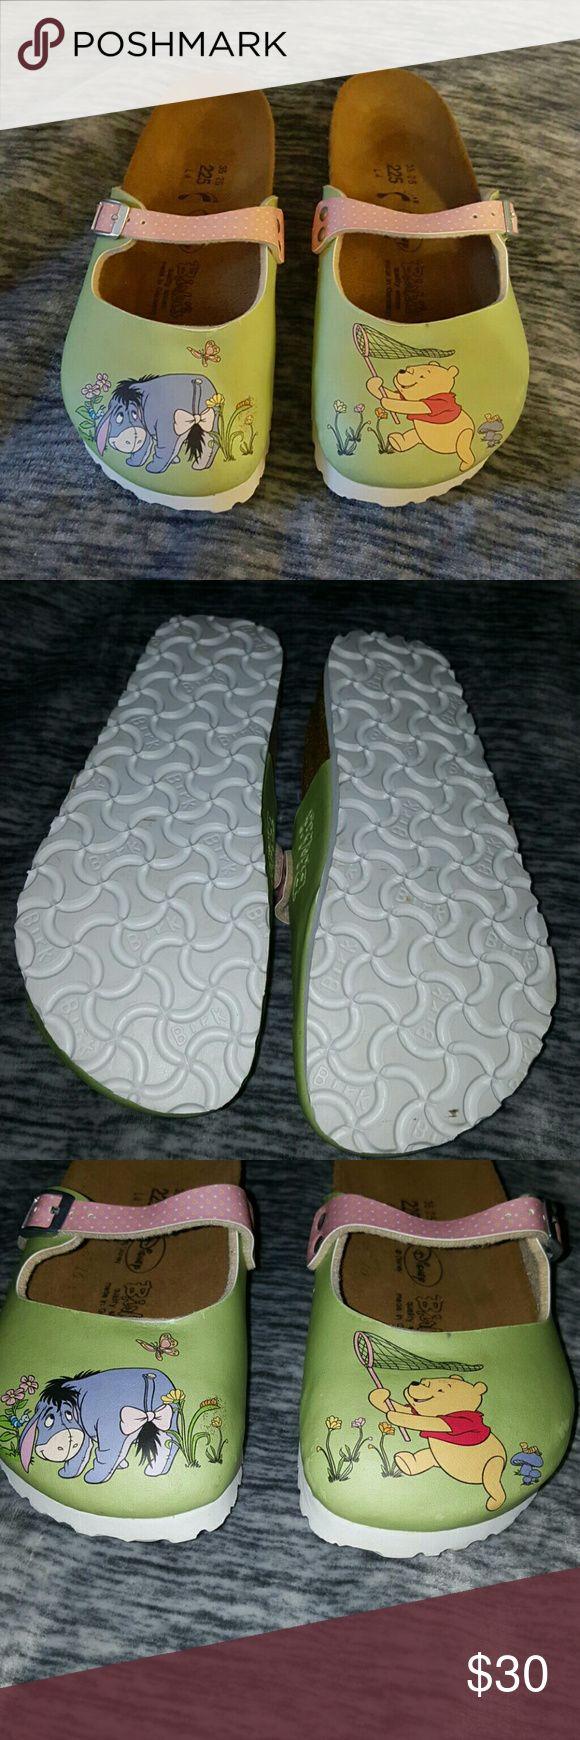 Disney birkenstock clog Guc disney birkenstock size 35 Birkenstock Shoes